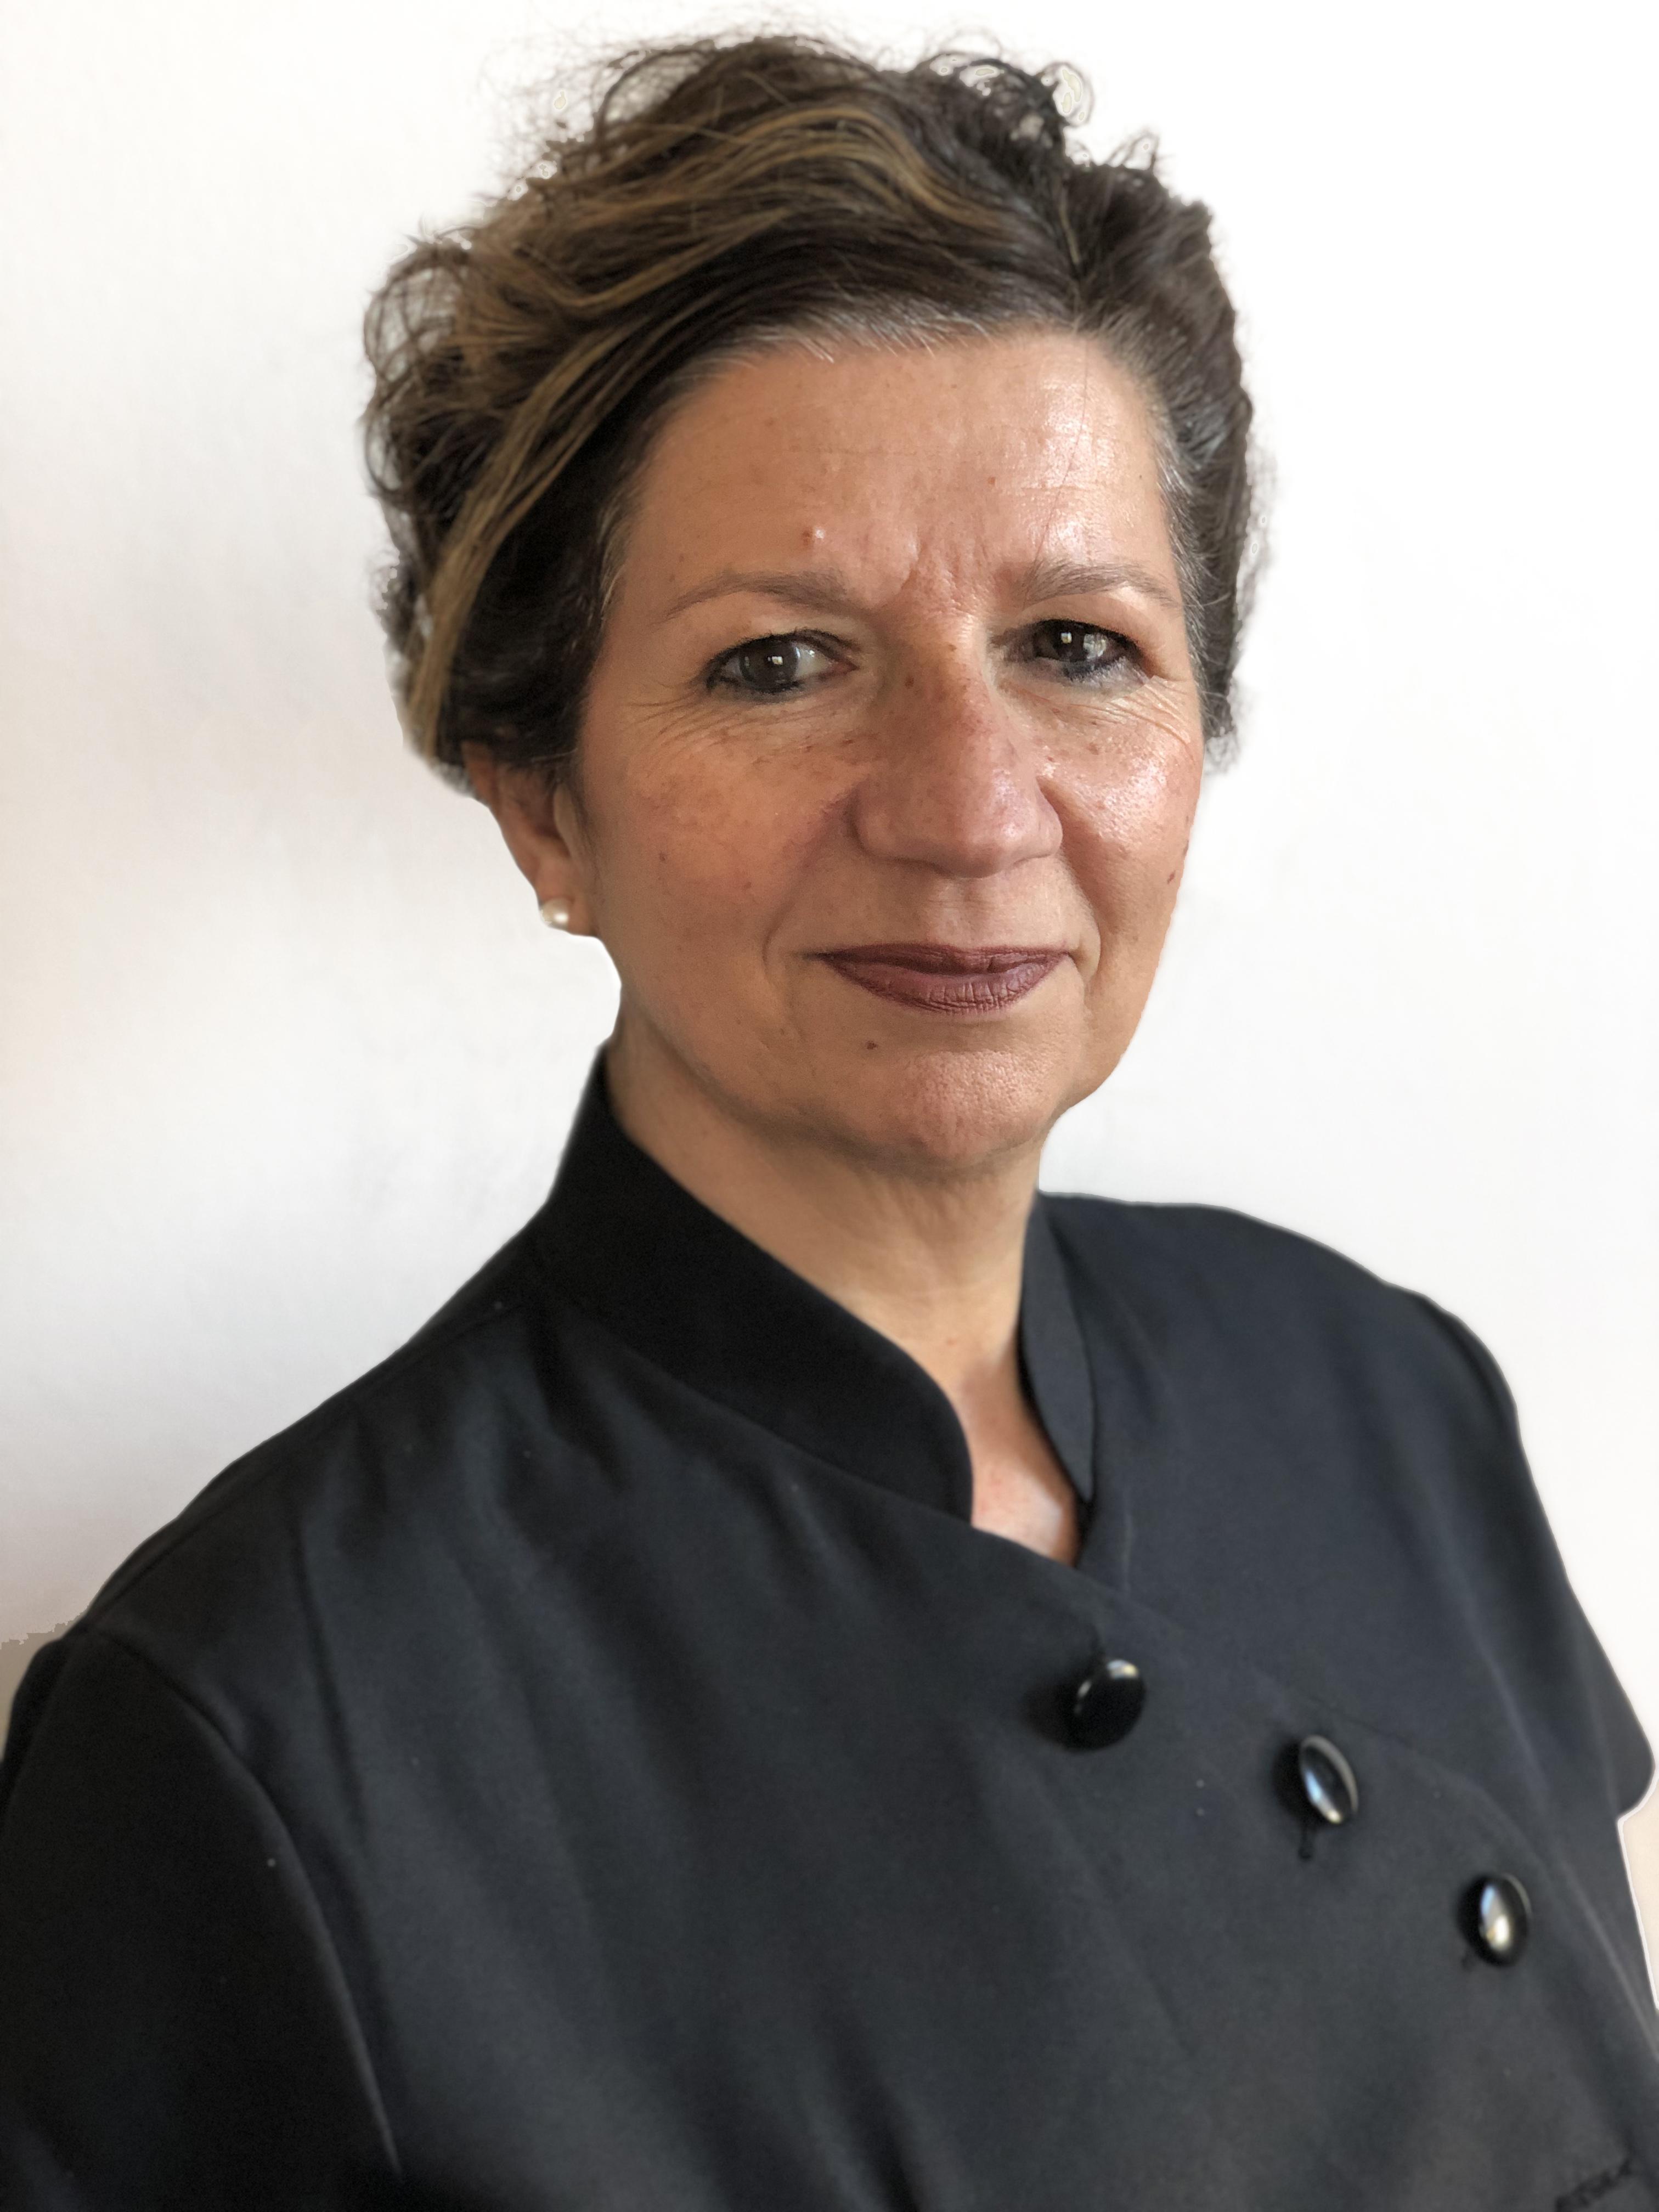 Wilma van der Steen